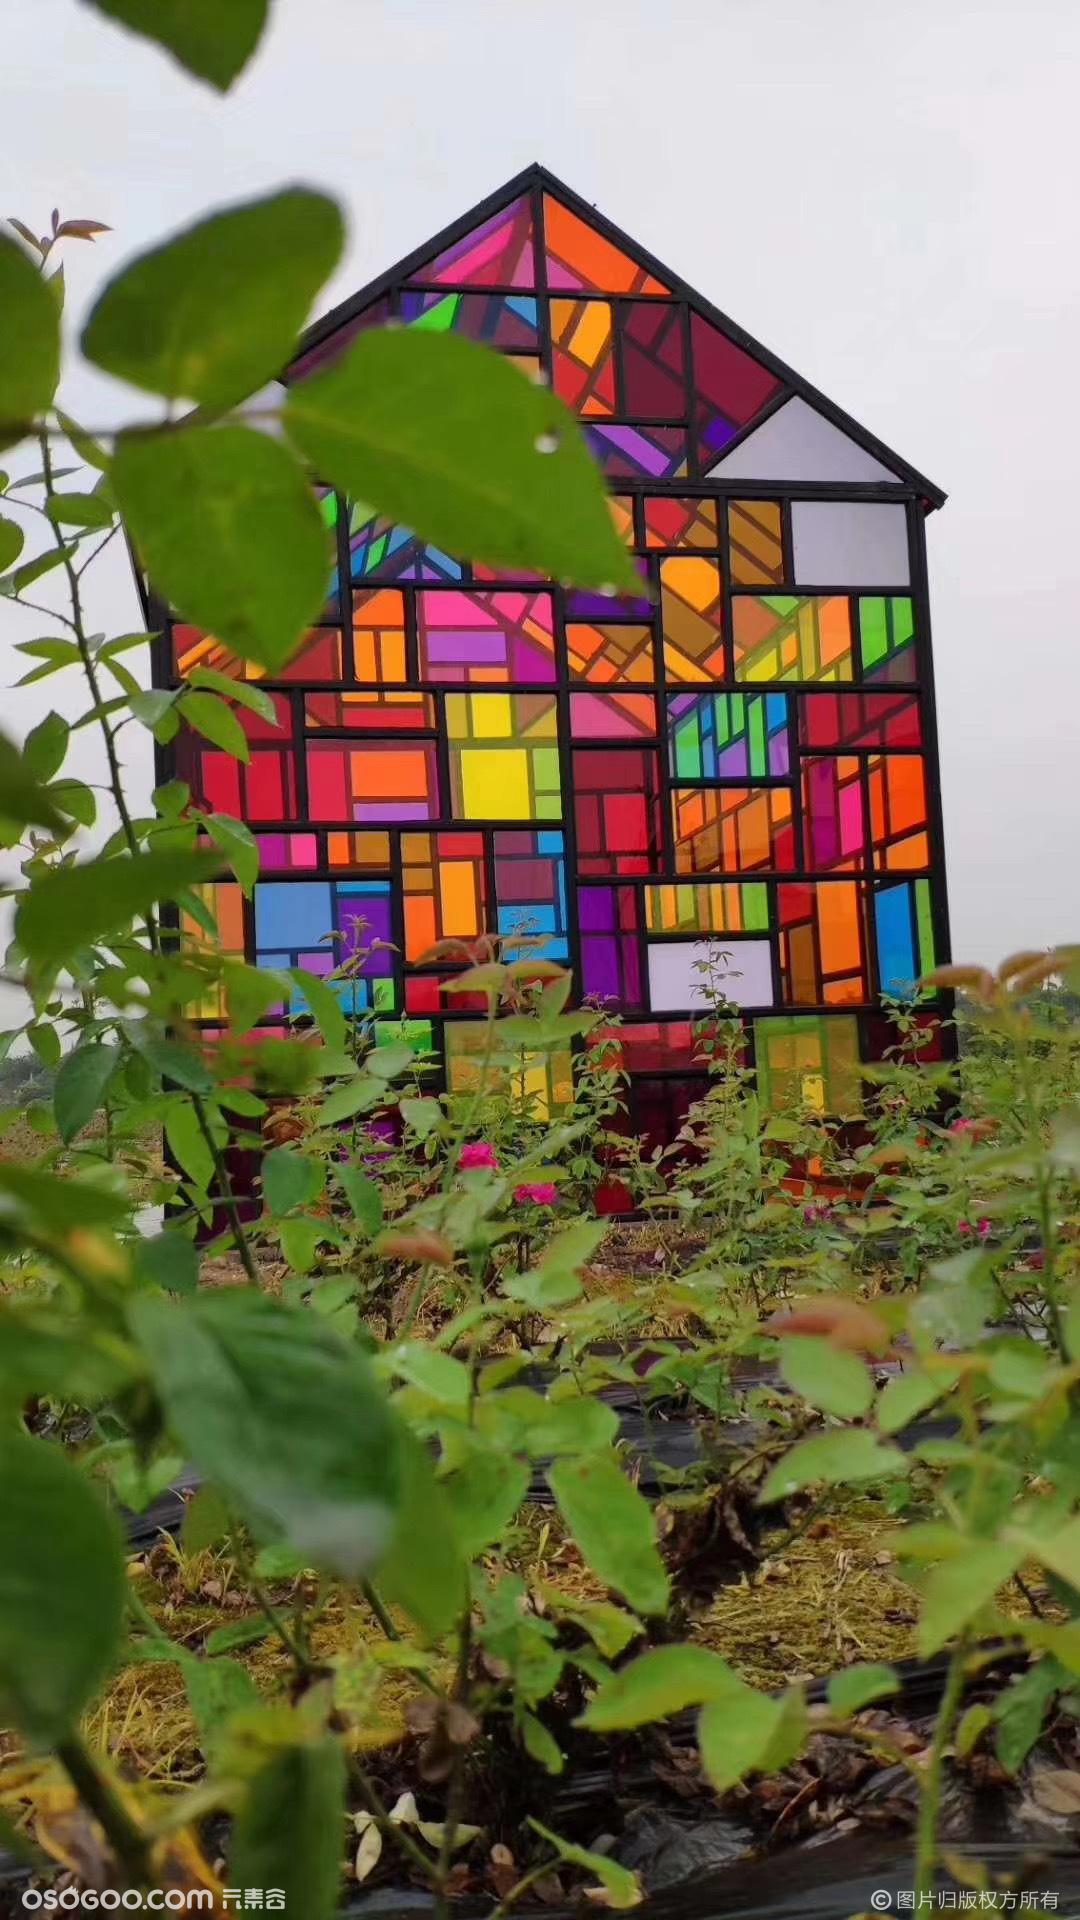 七彩小屋租赁彩色房子彩色玻璃屋